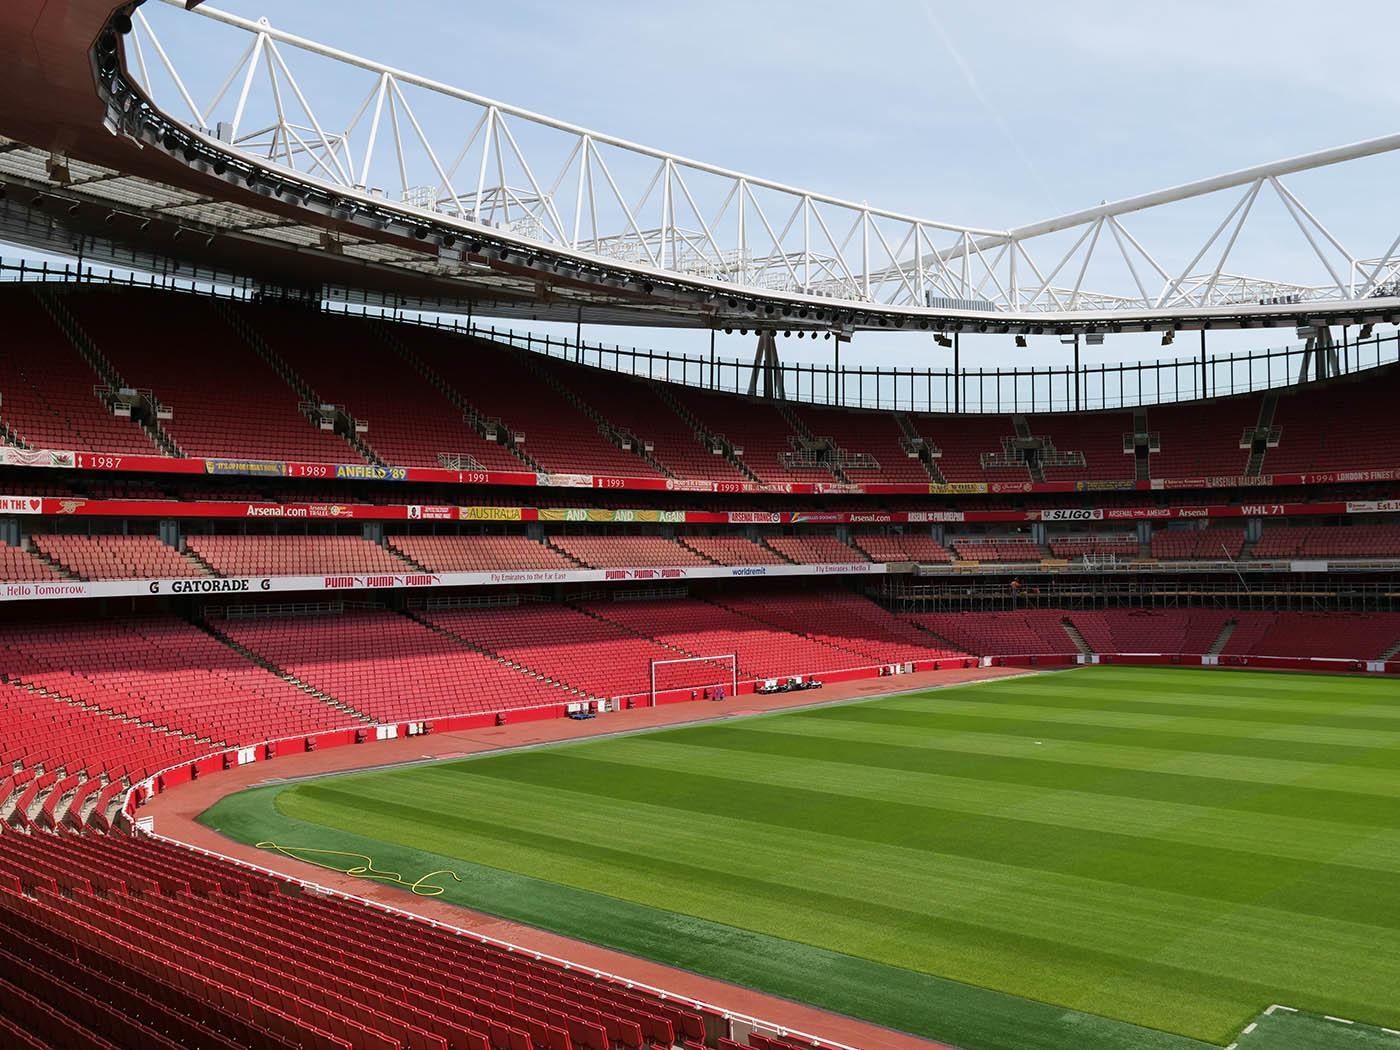 Acheter Billets pour un match de foot à Londres